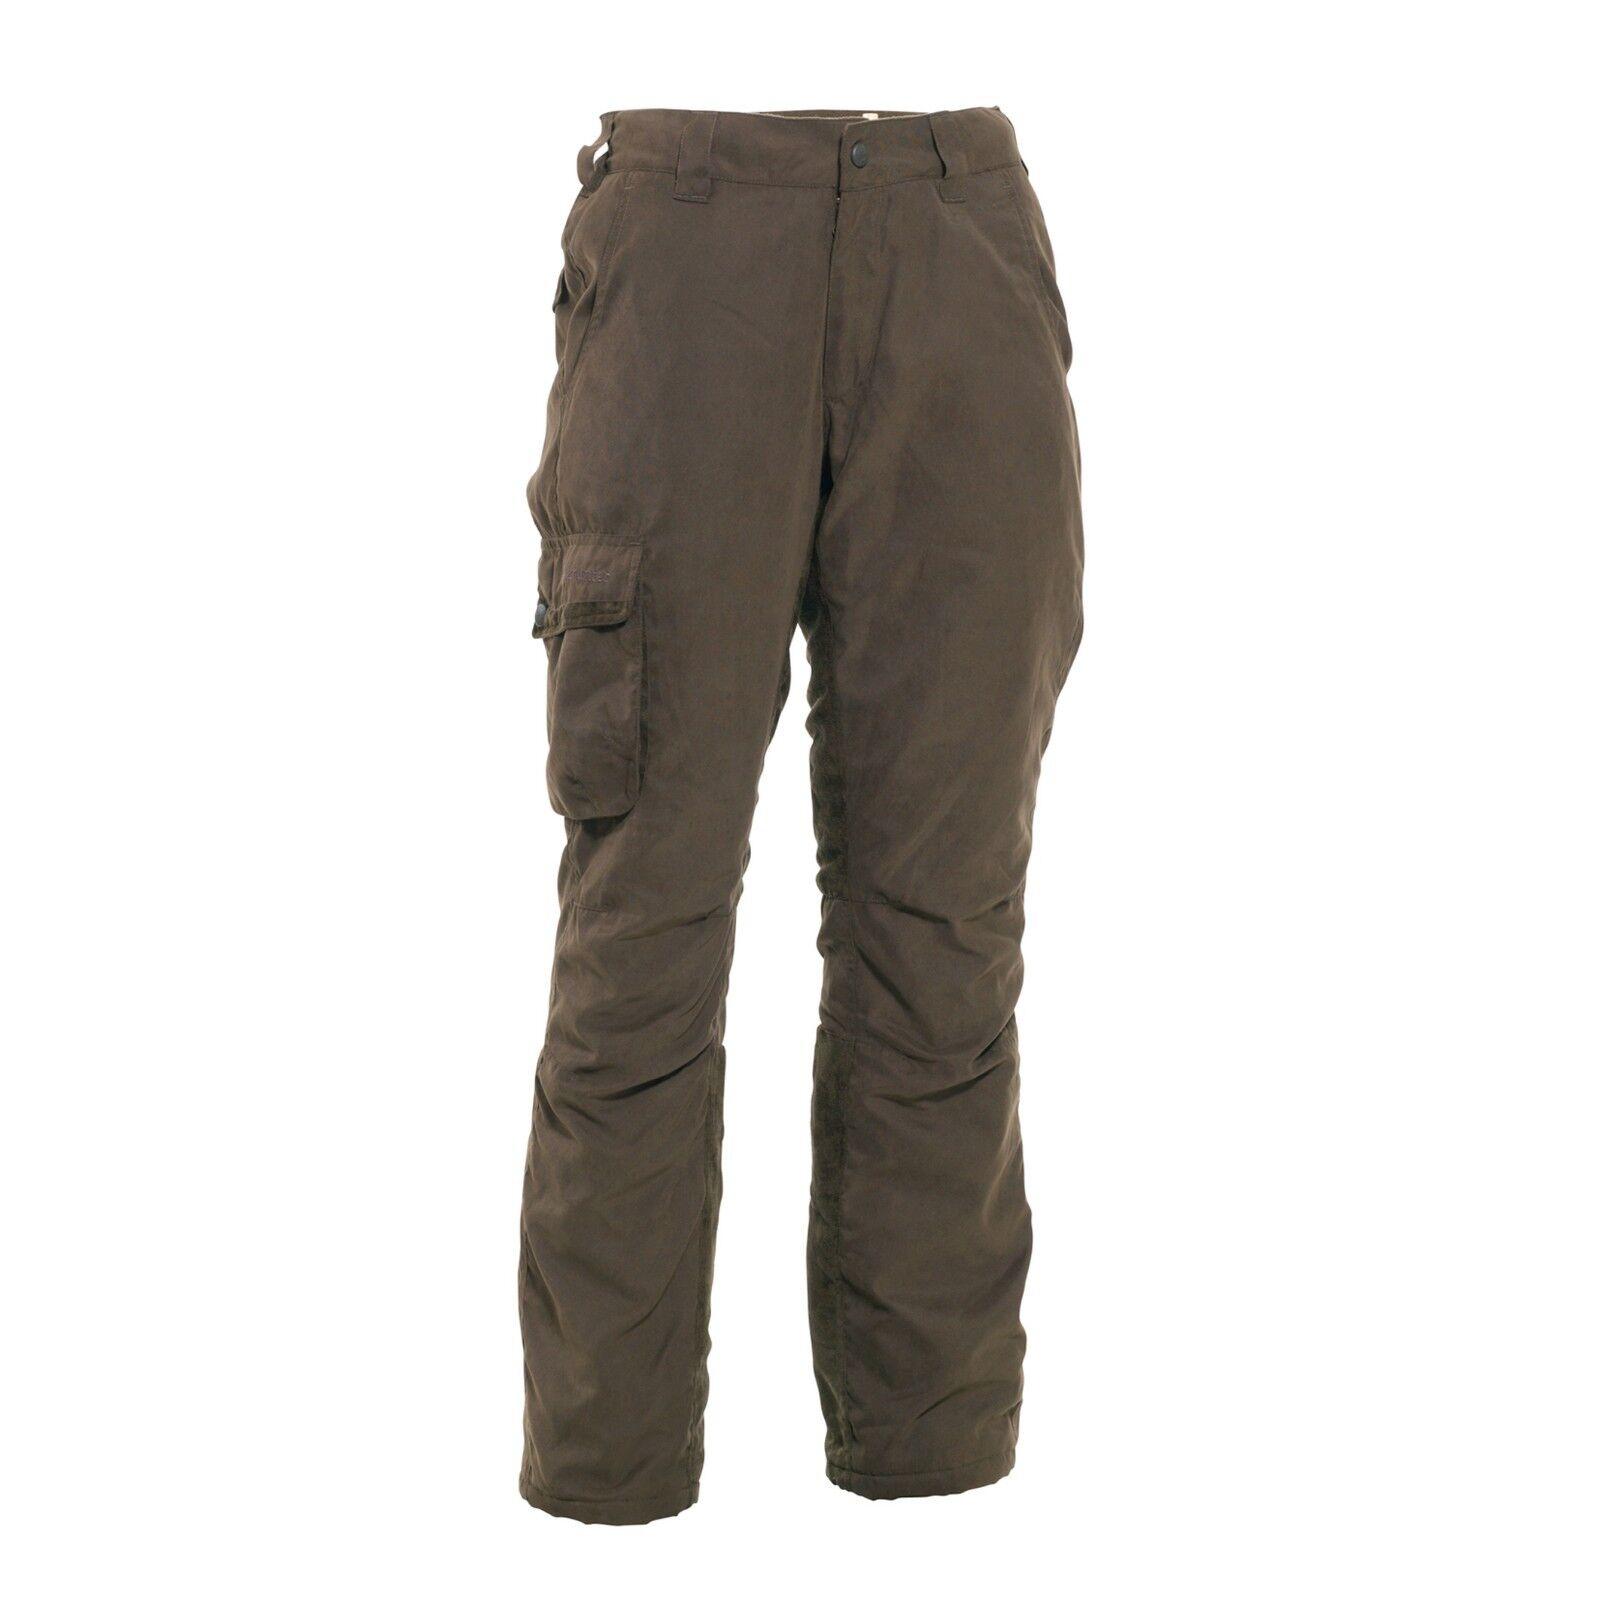 Deerhunter 3444  Eifel pantalones   571-marrón Leaf, tamaño 5xl, con deer-Tex membrana  hasta un 65% de descuento